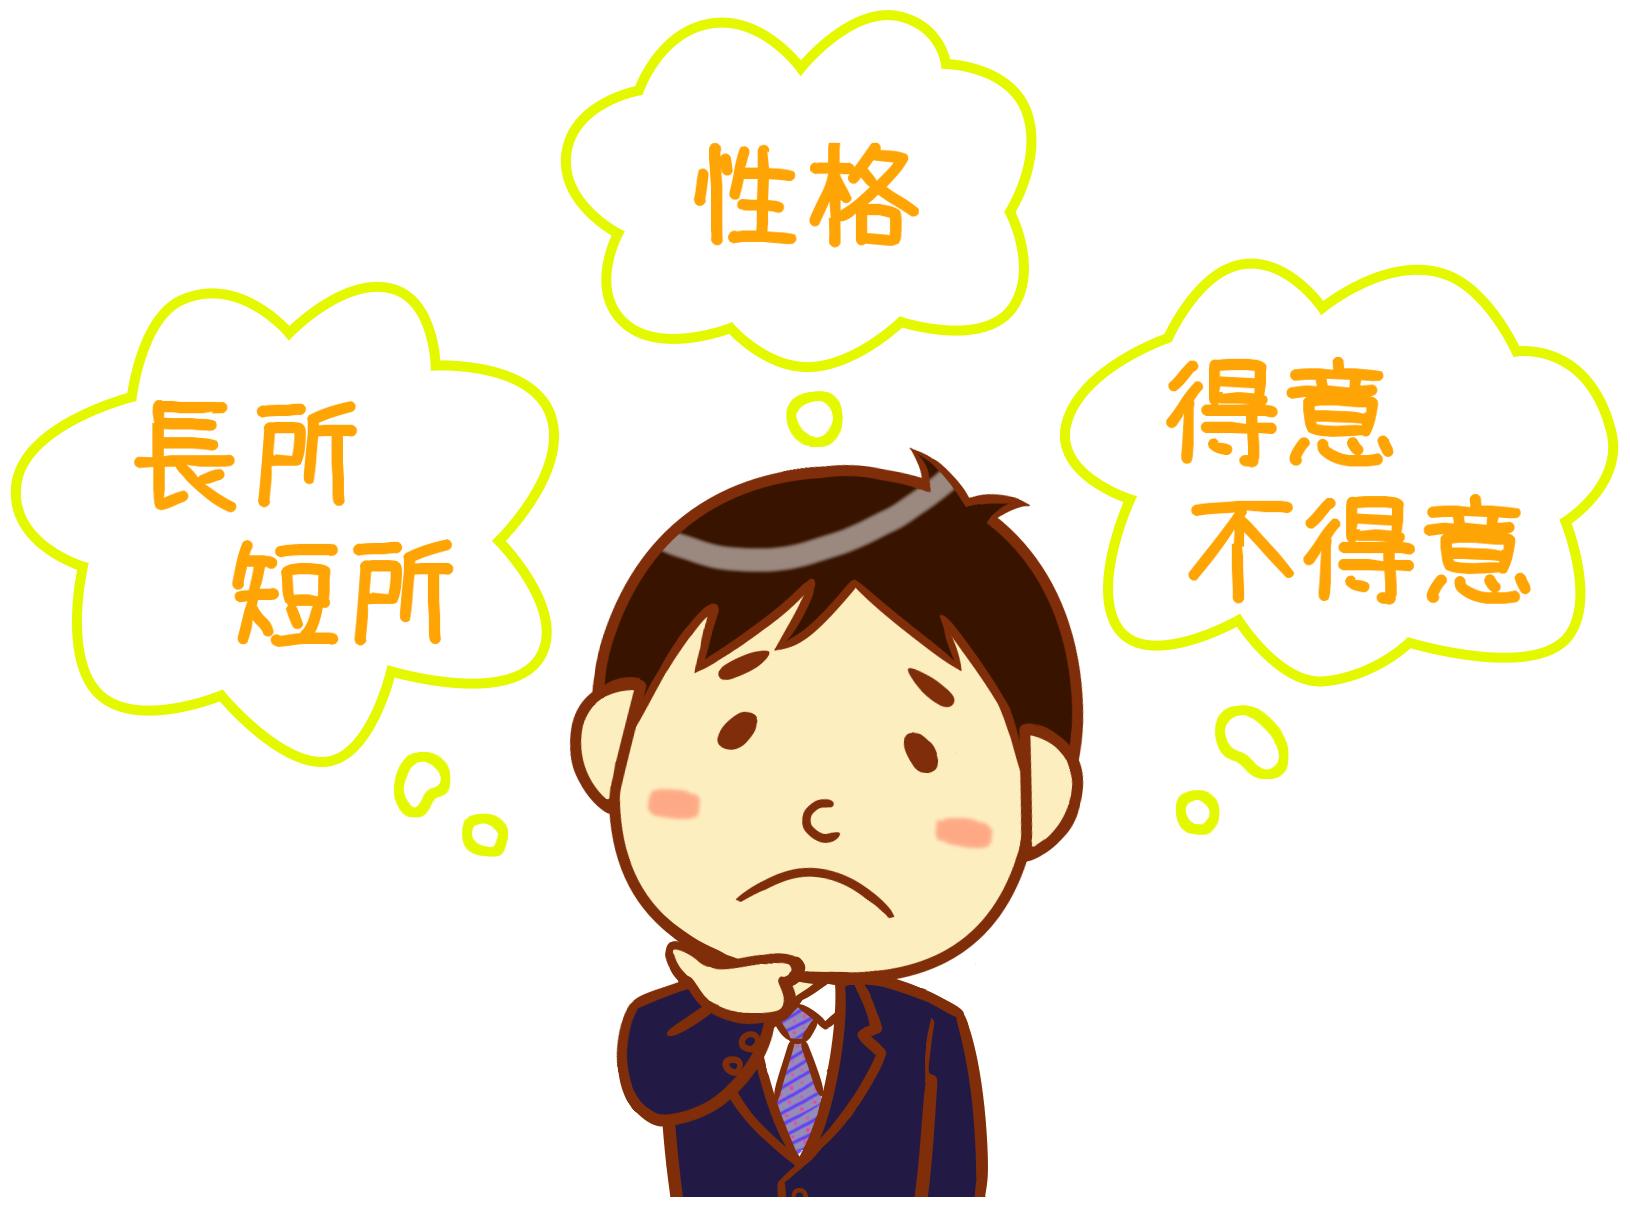 【就活成功の必須条件 】就活の軸は自己分析から!